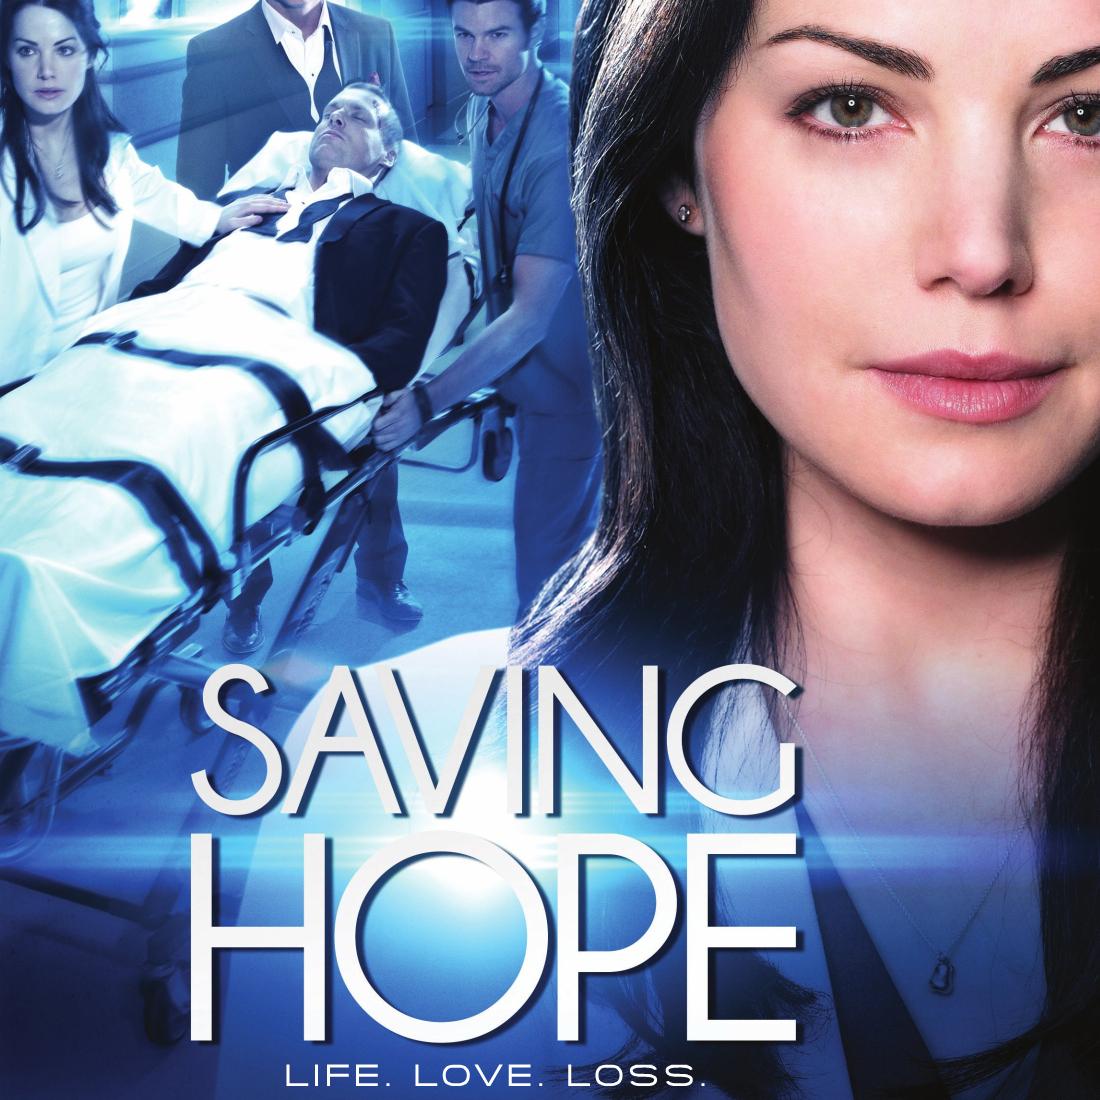 Saving-Hope-Promo-Poster.jpg